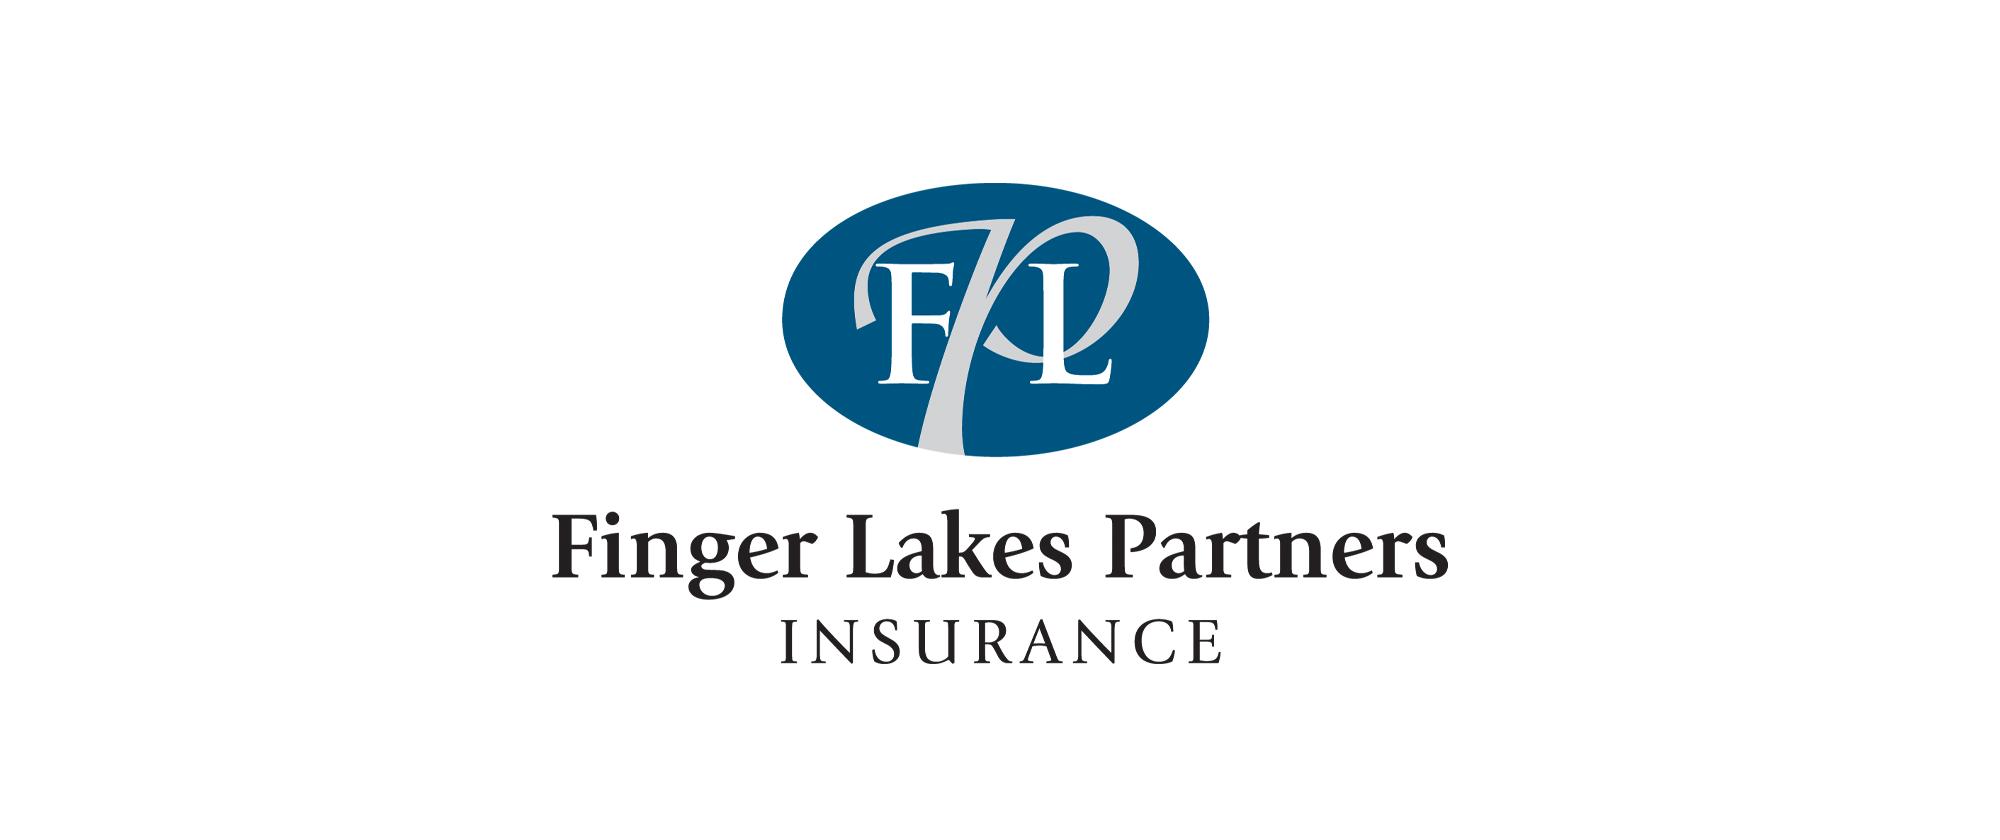 Finger Lakes Partners Insurance Logo